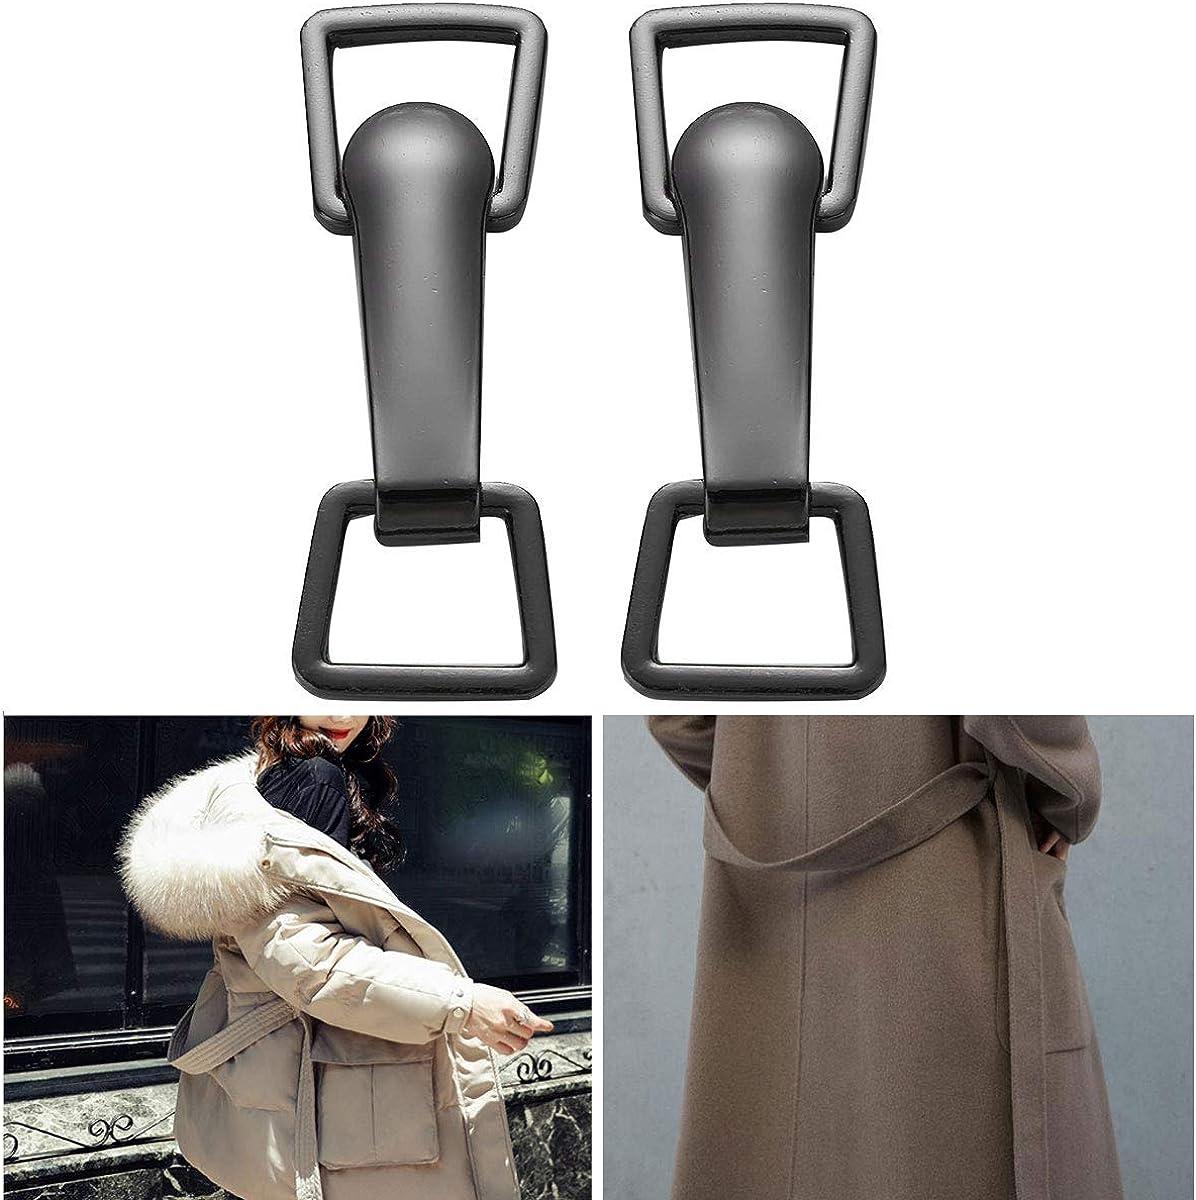 inlzdz 2 Paires Fermoirs /à Boucle Ceinture en Alliage de Zinc Attache Boutons D/écoratif Boucle De Fermoir pour Manteau Veste DIY Couture Accessoires